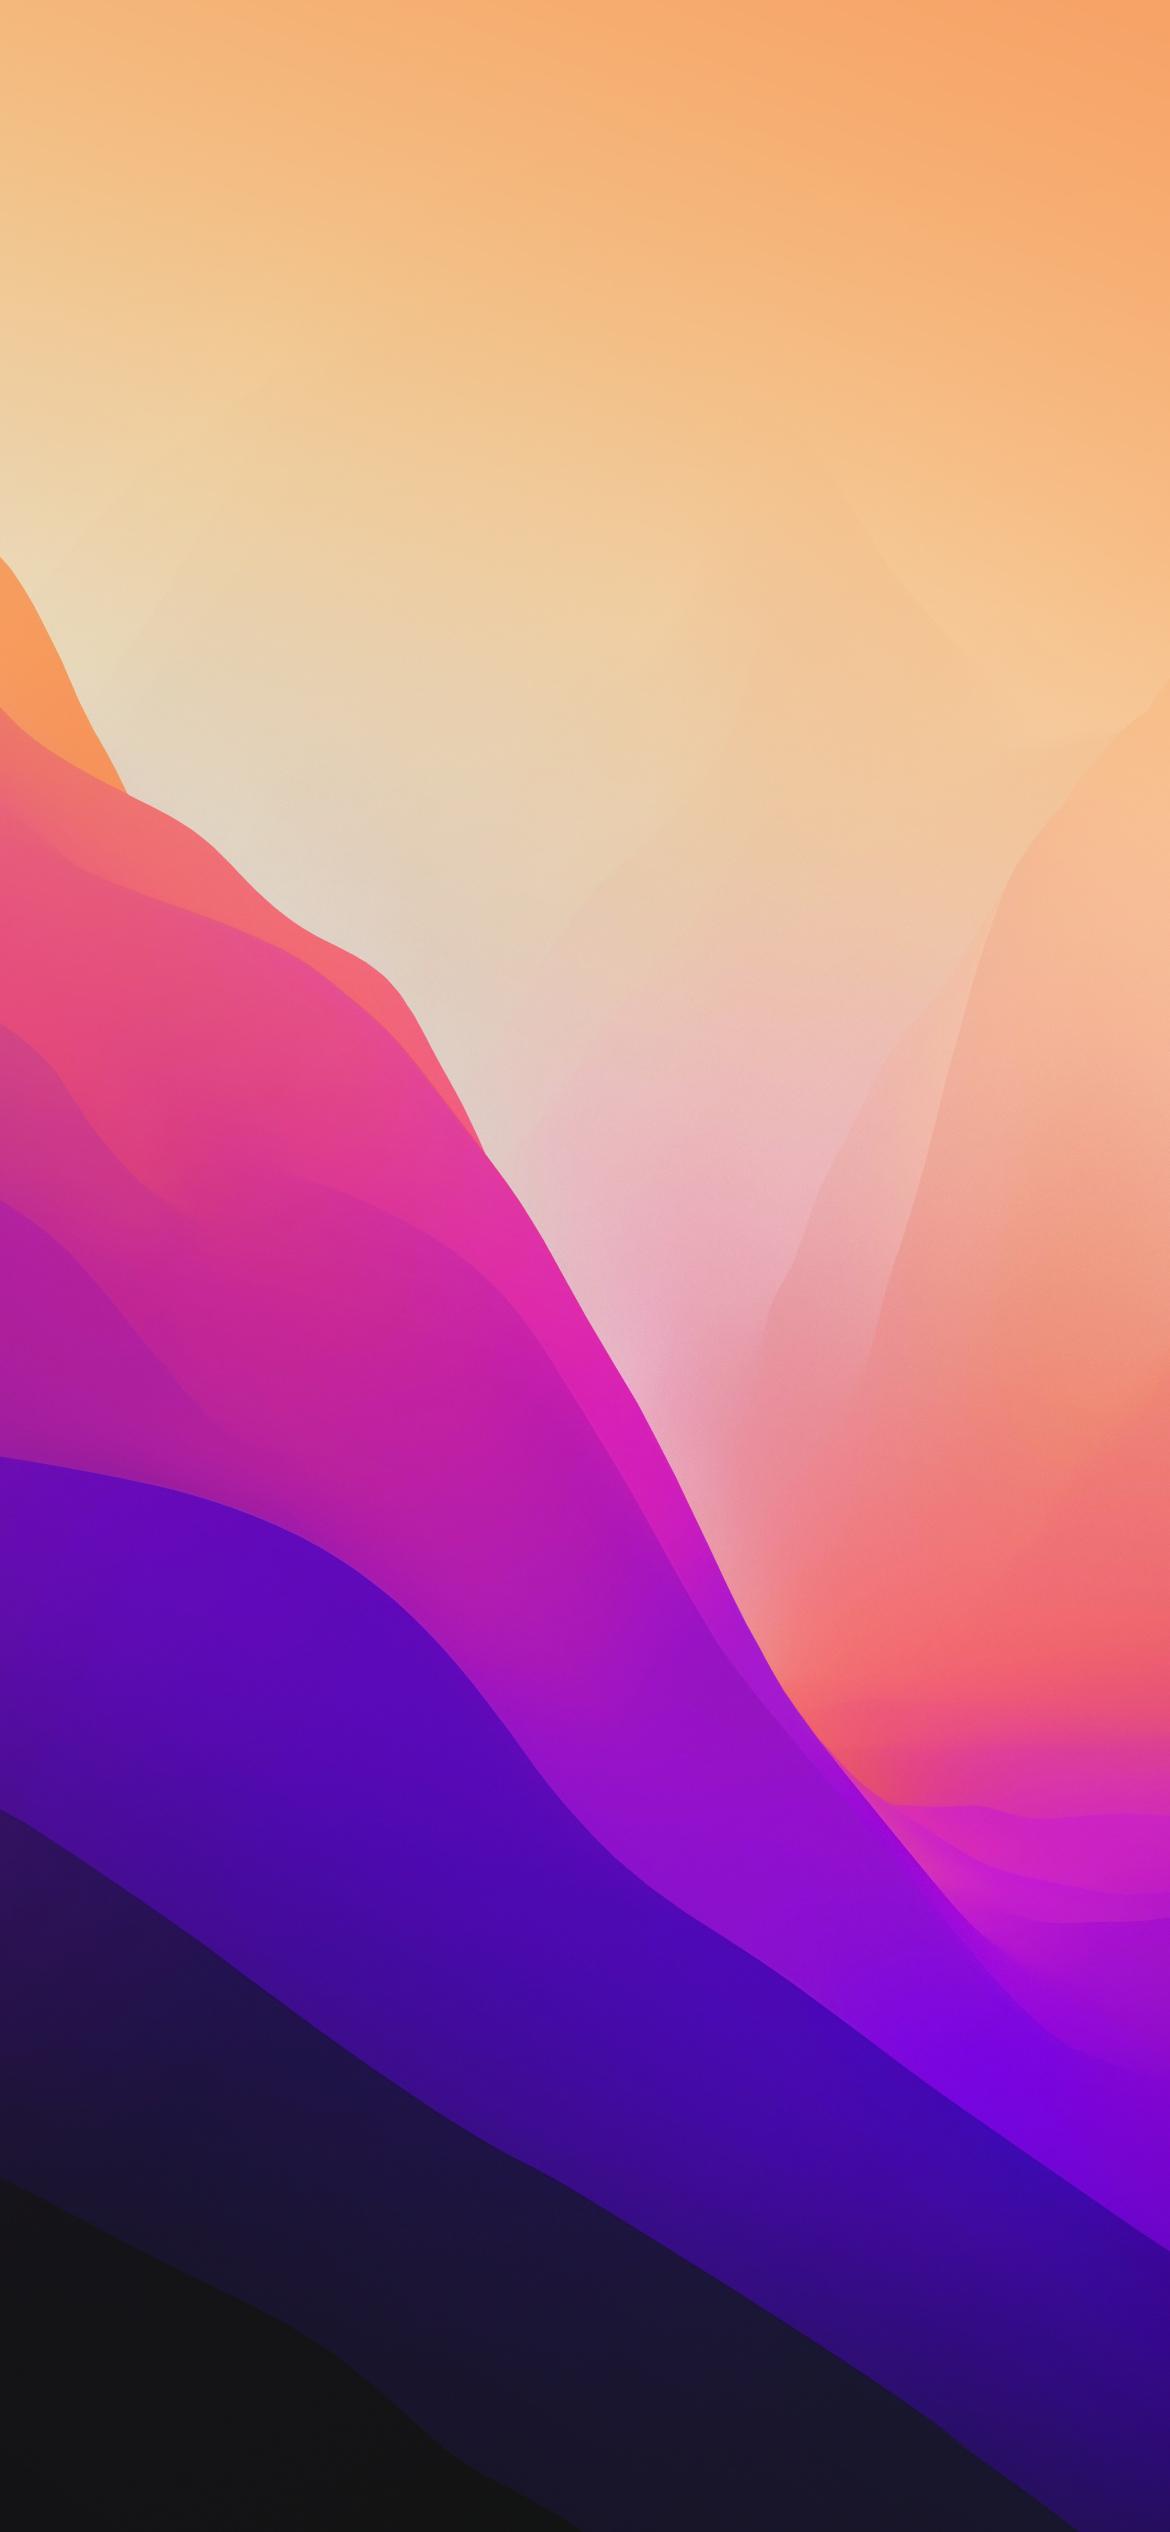 MacOS 12 Mobile wallpaper